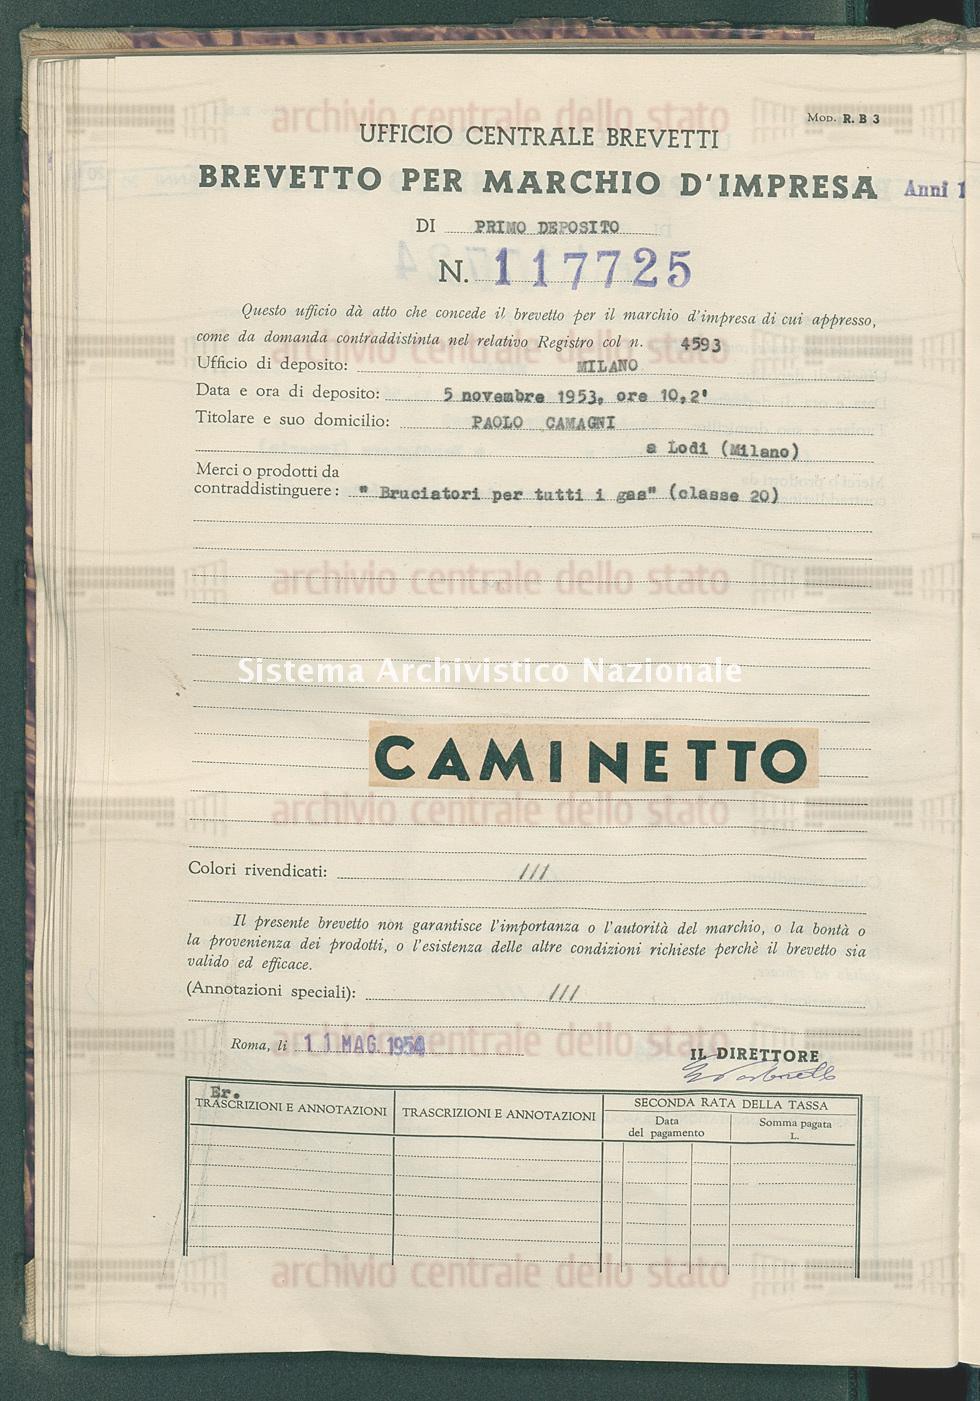 'Bruciatori per tutti i gas' Paolo Camagni (11/05/1954)